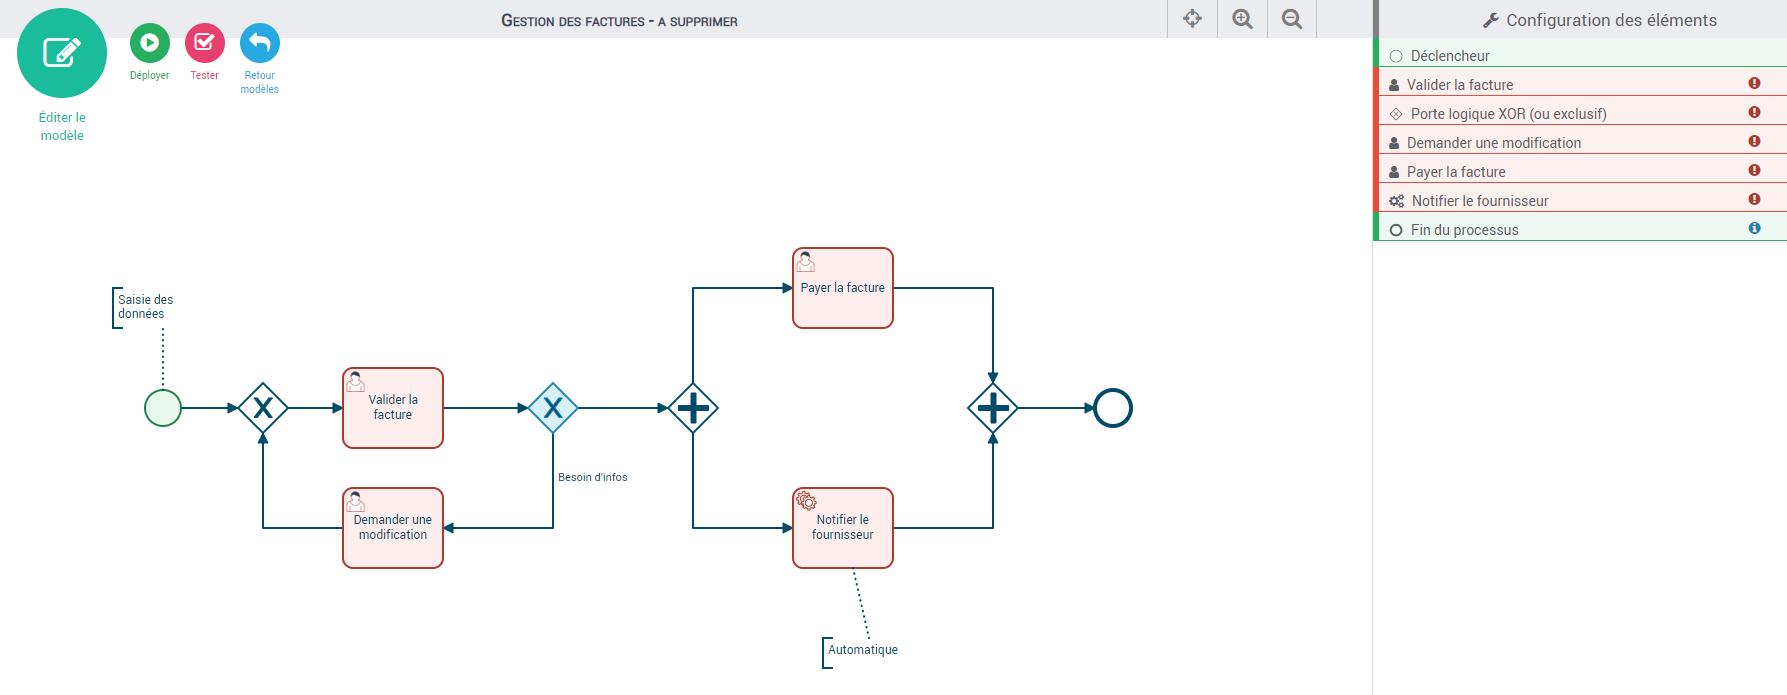 Configuration d'un processus de facturation dans Iterop